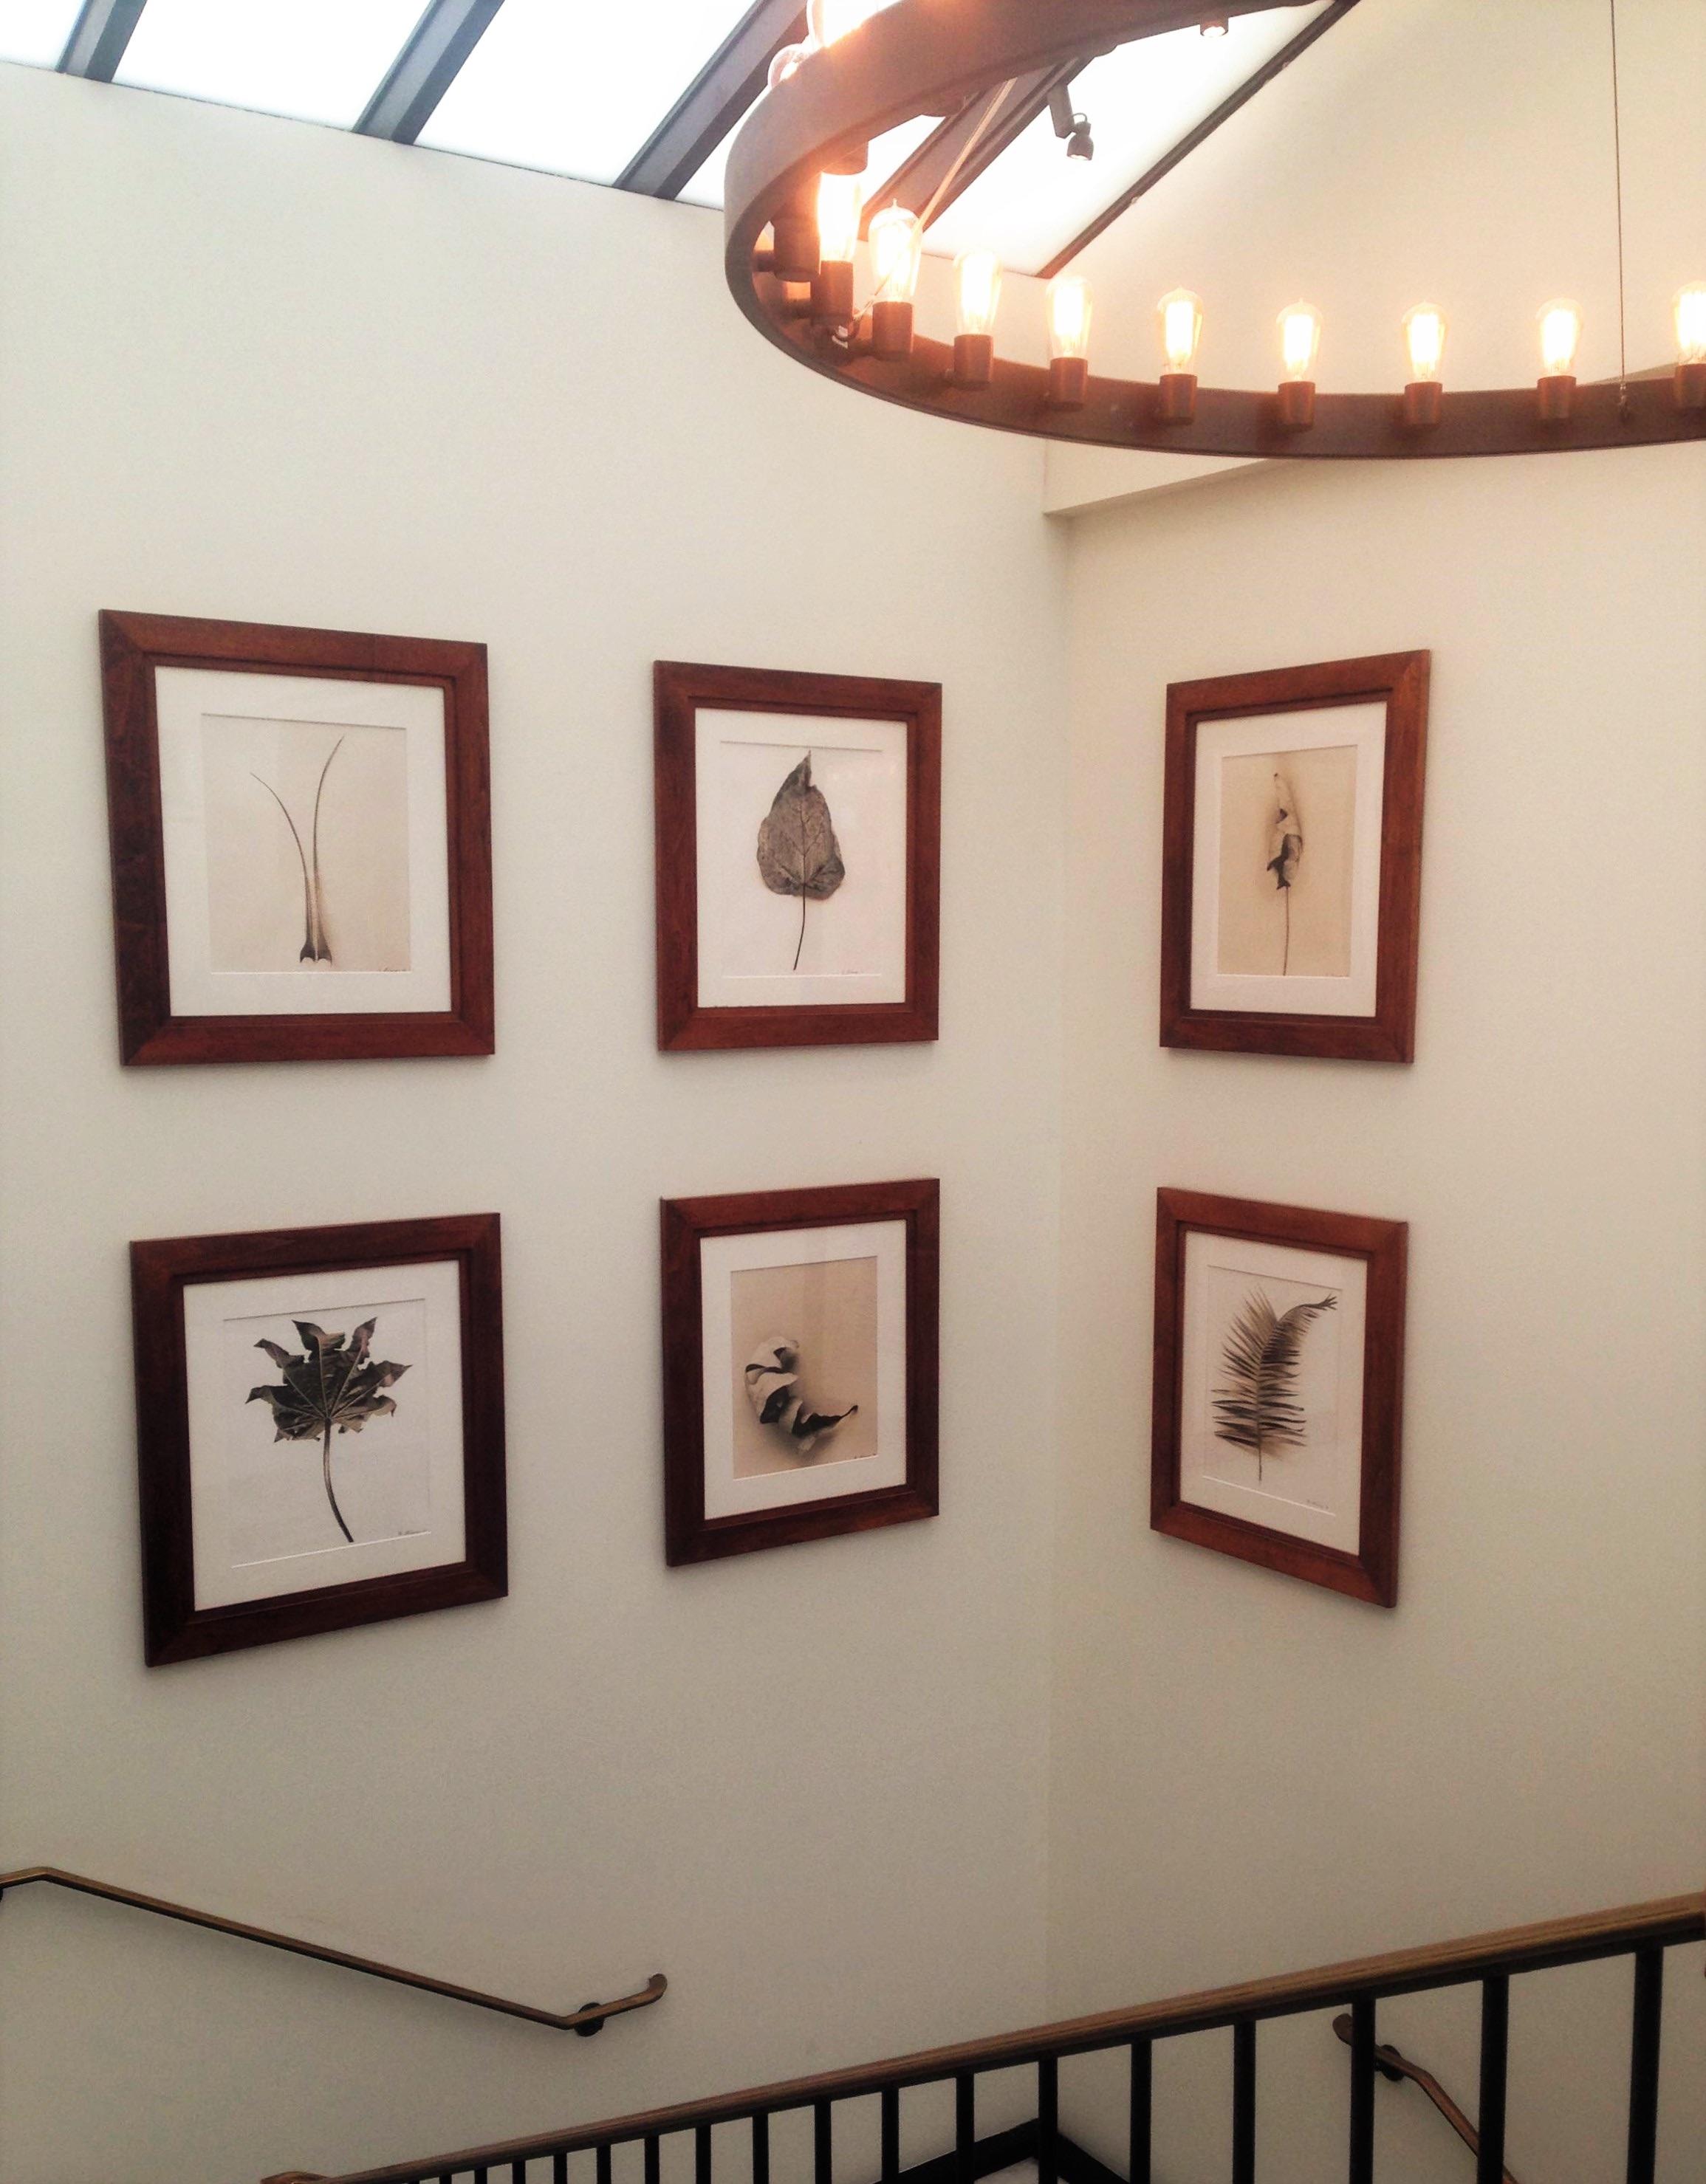 Fotos gratis : pared, diseño de interiores, art, marco, exposición ...